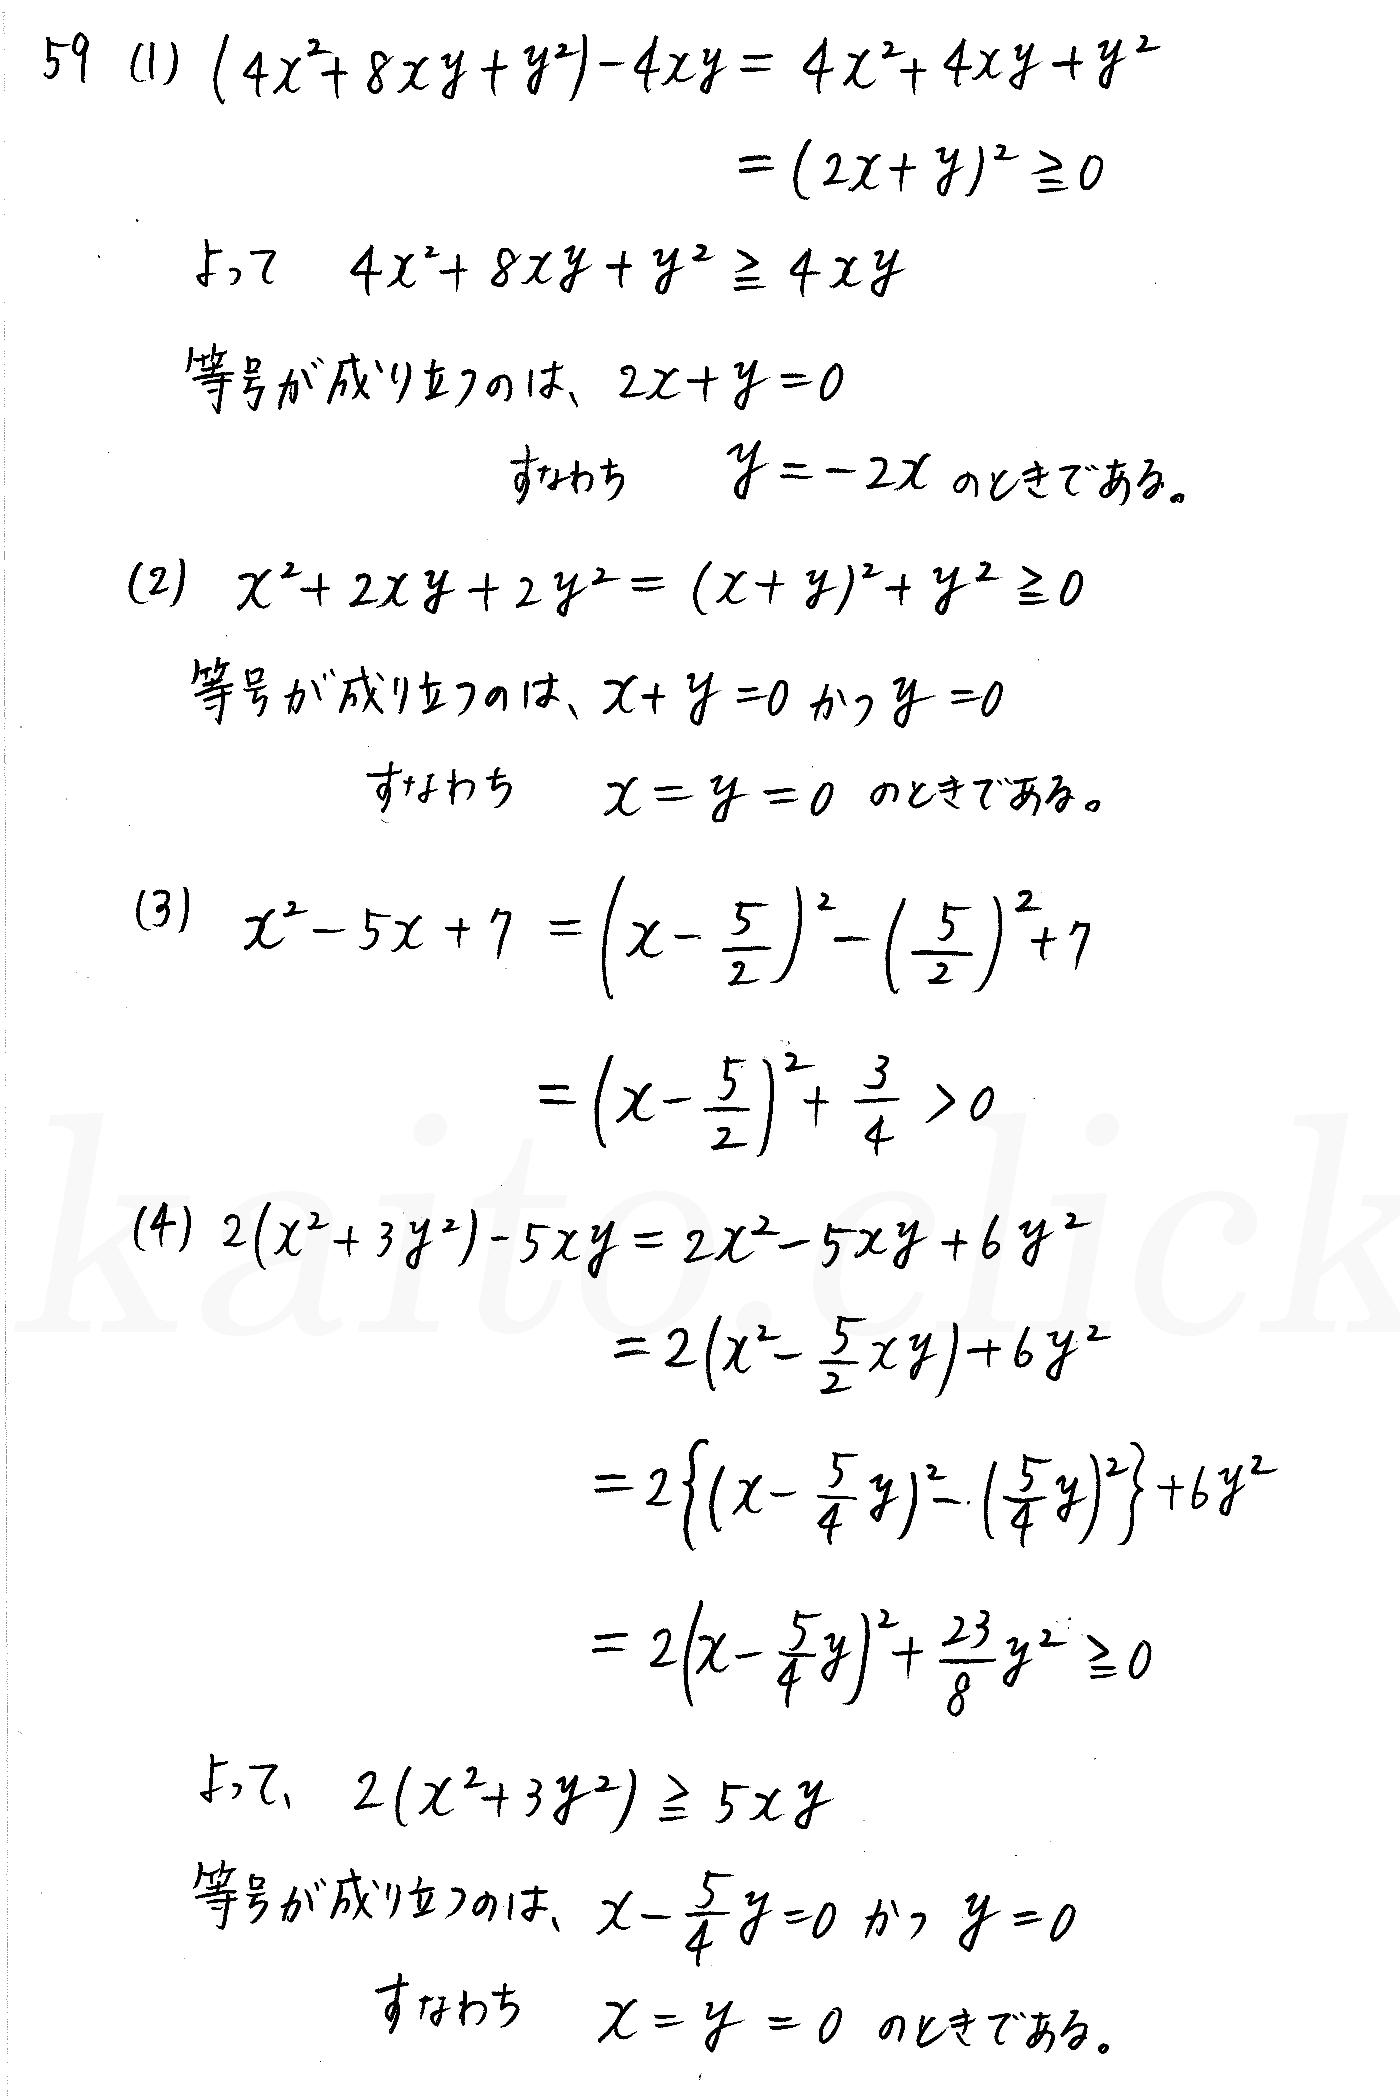 クリアー数学2-59解答